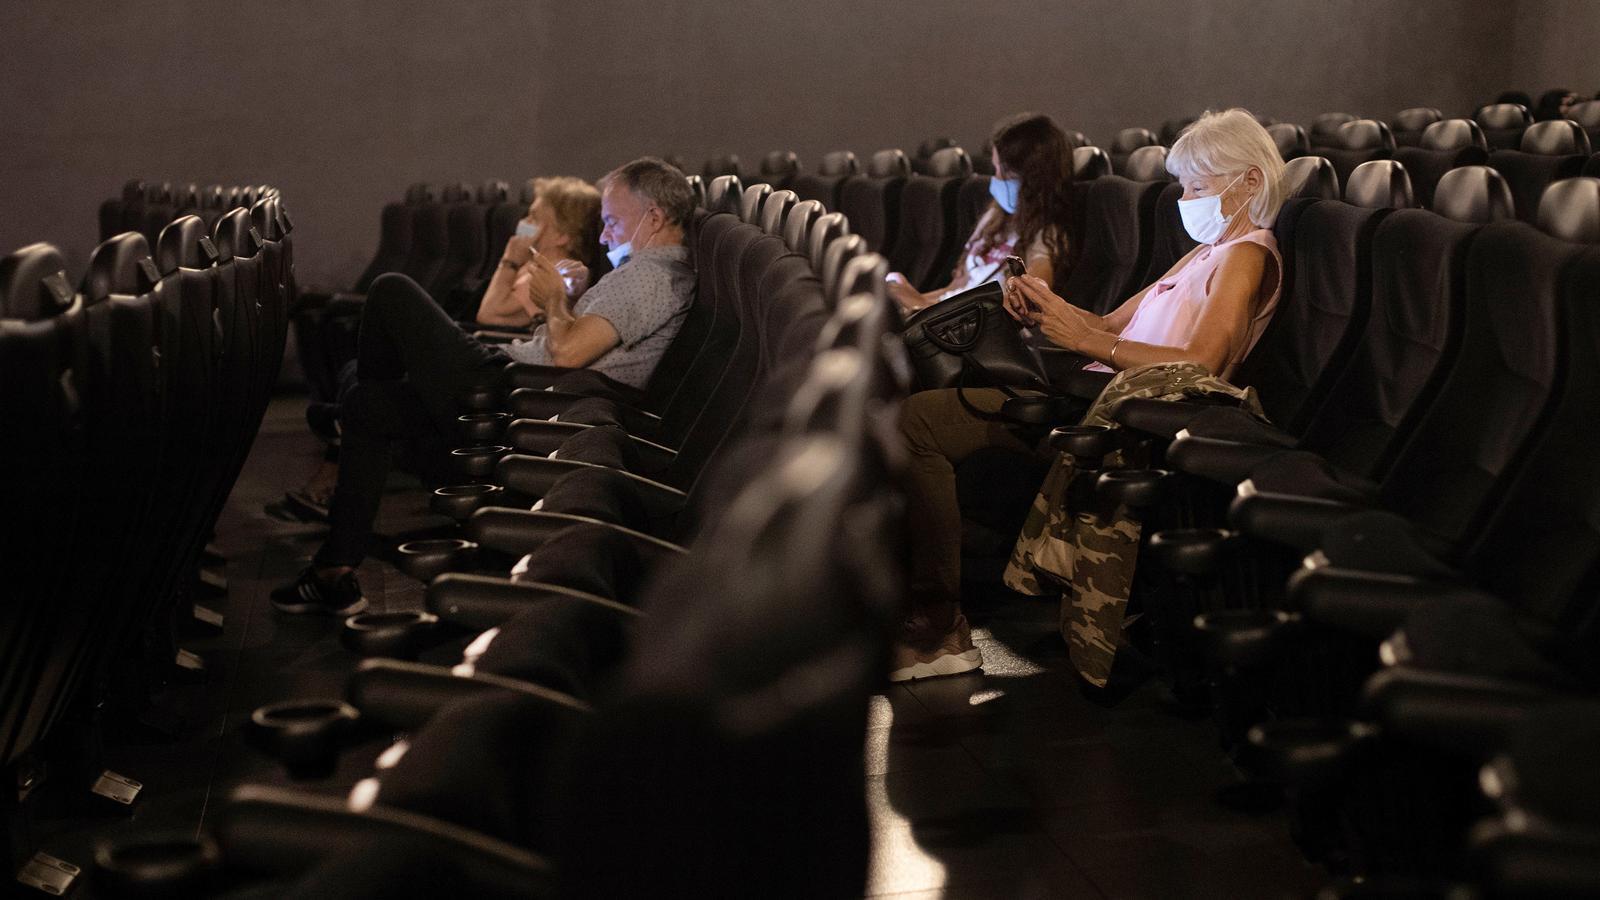 Espectadors en una sessió del Cinema Renoir Floridablanca de Barcelona.